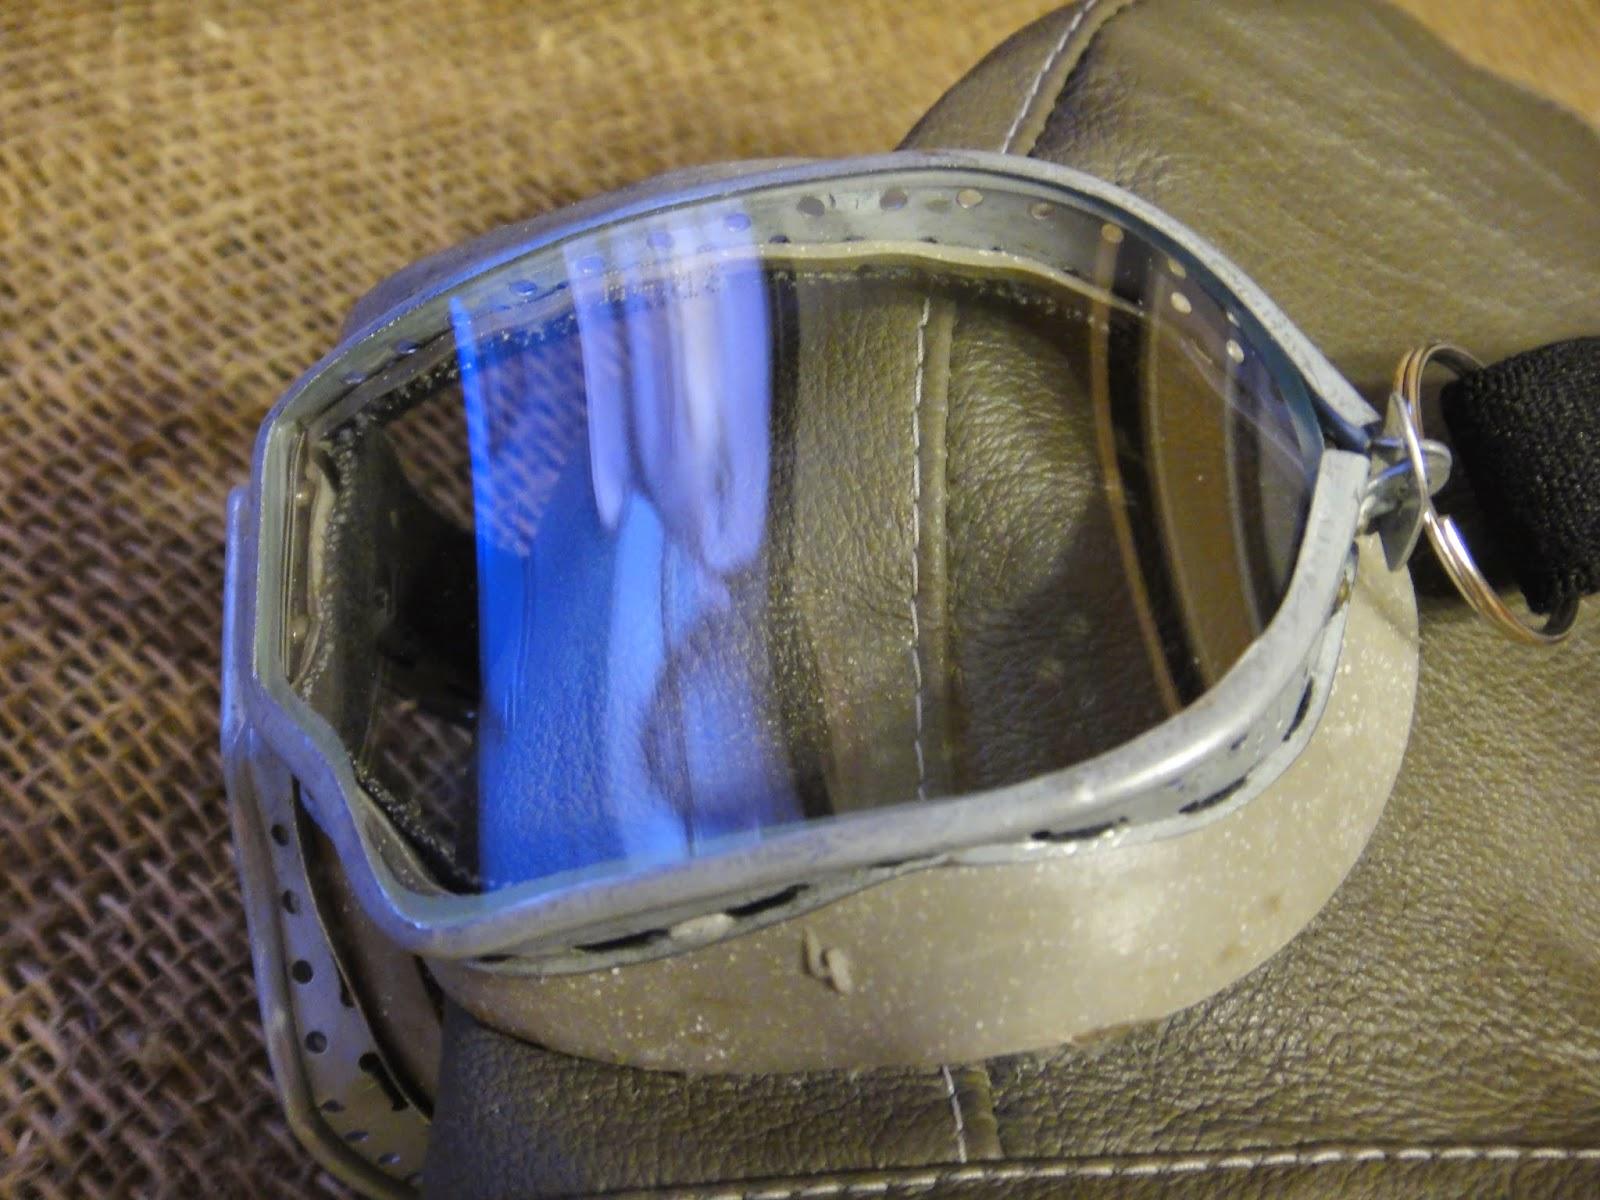 очки пилота, очки авиатора из высокопрочного стекла